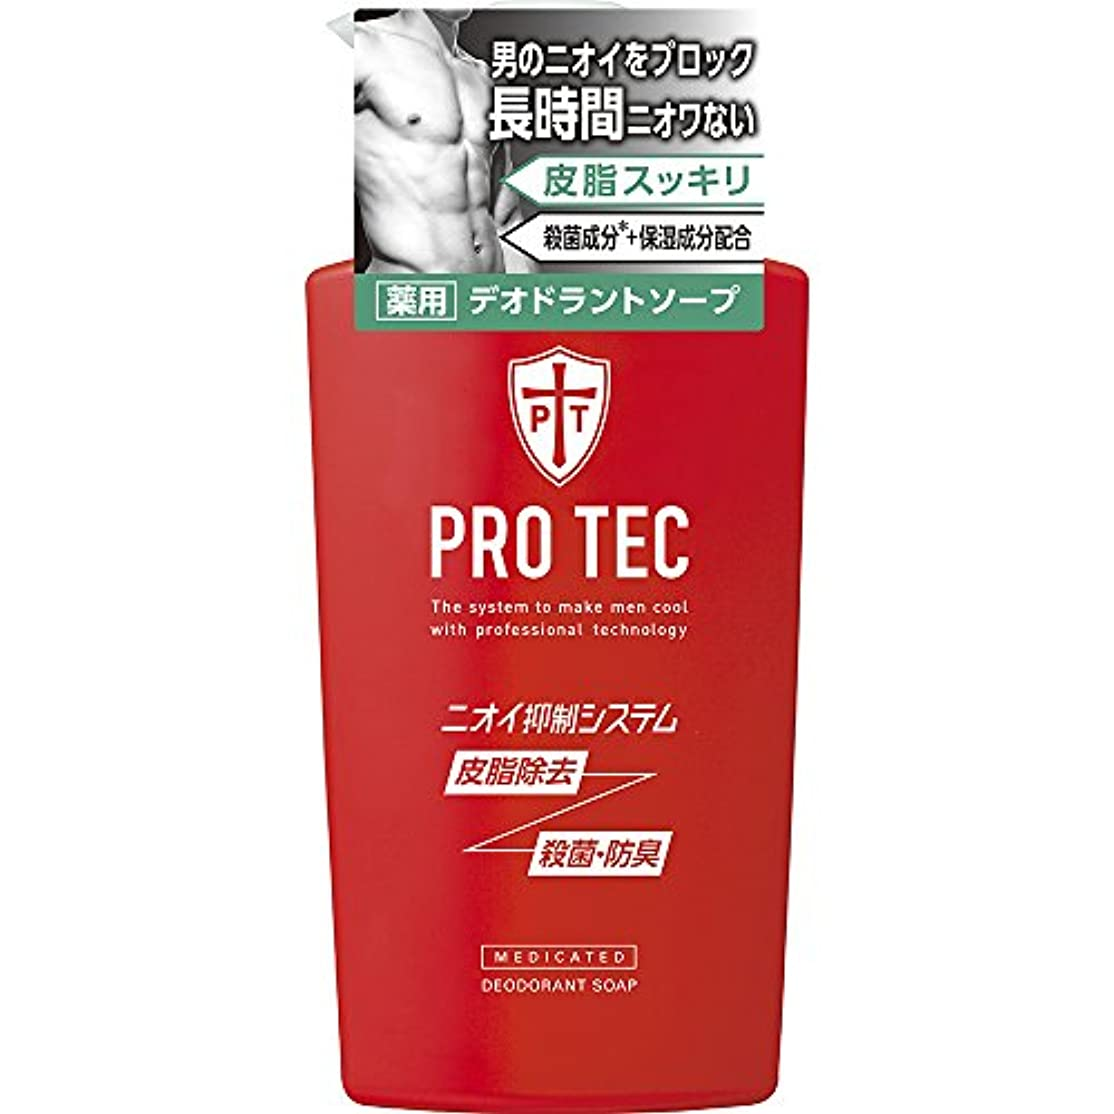 最小豊富なラショナルPRO TEC(プロテク) デオドラントソープ 本体ポンプ 420ml